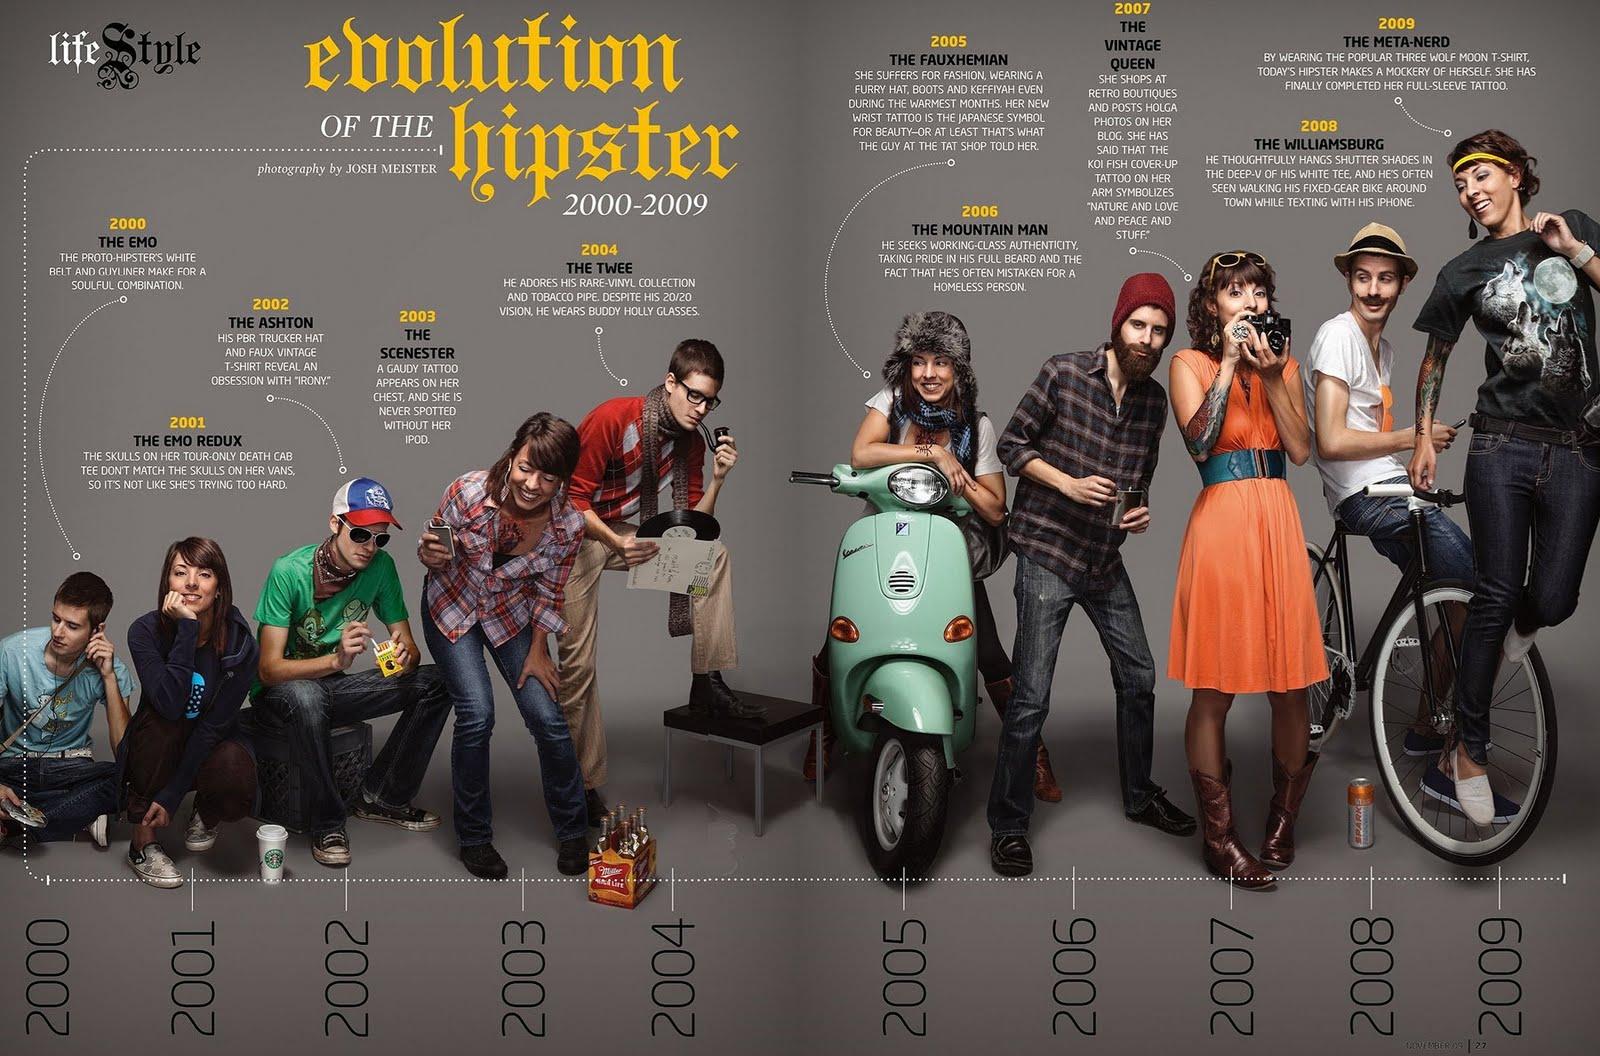 Hipster Evolution